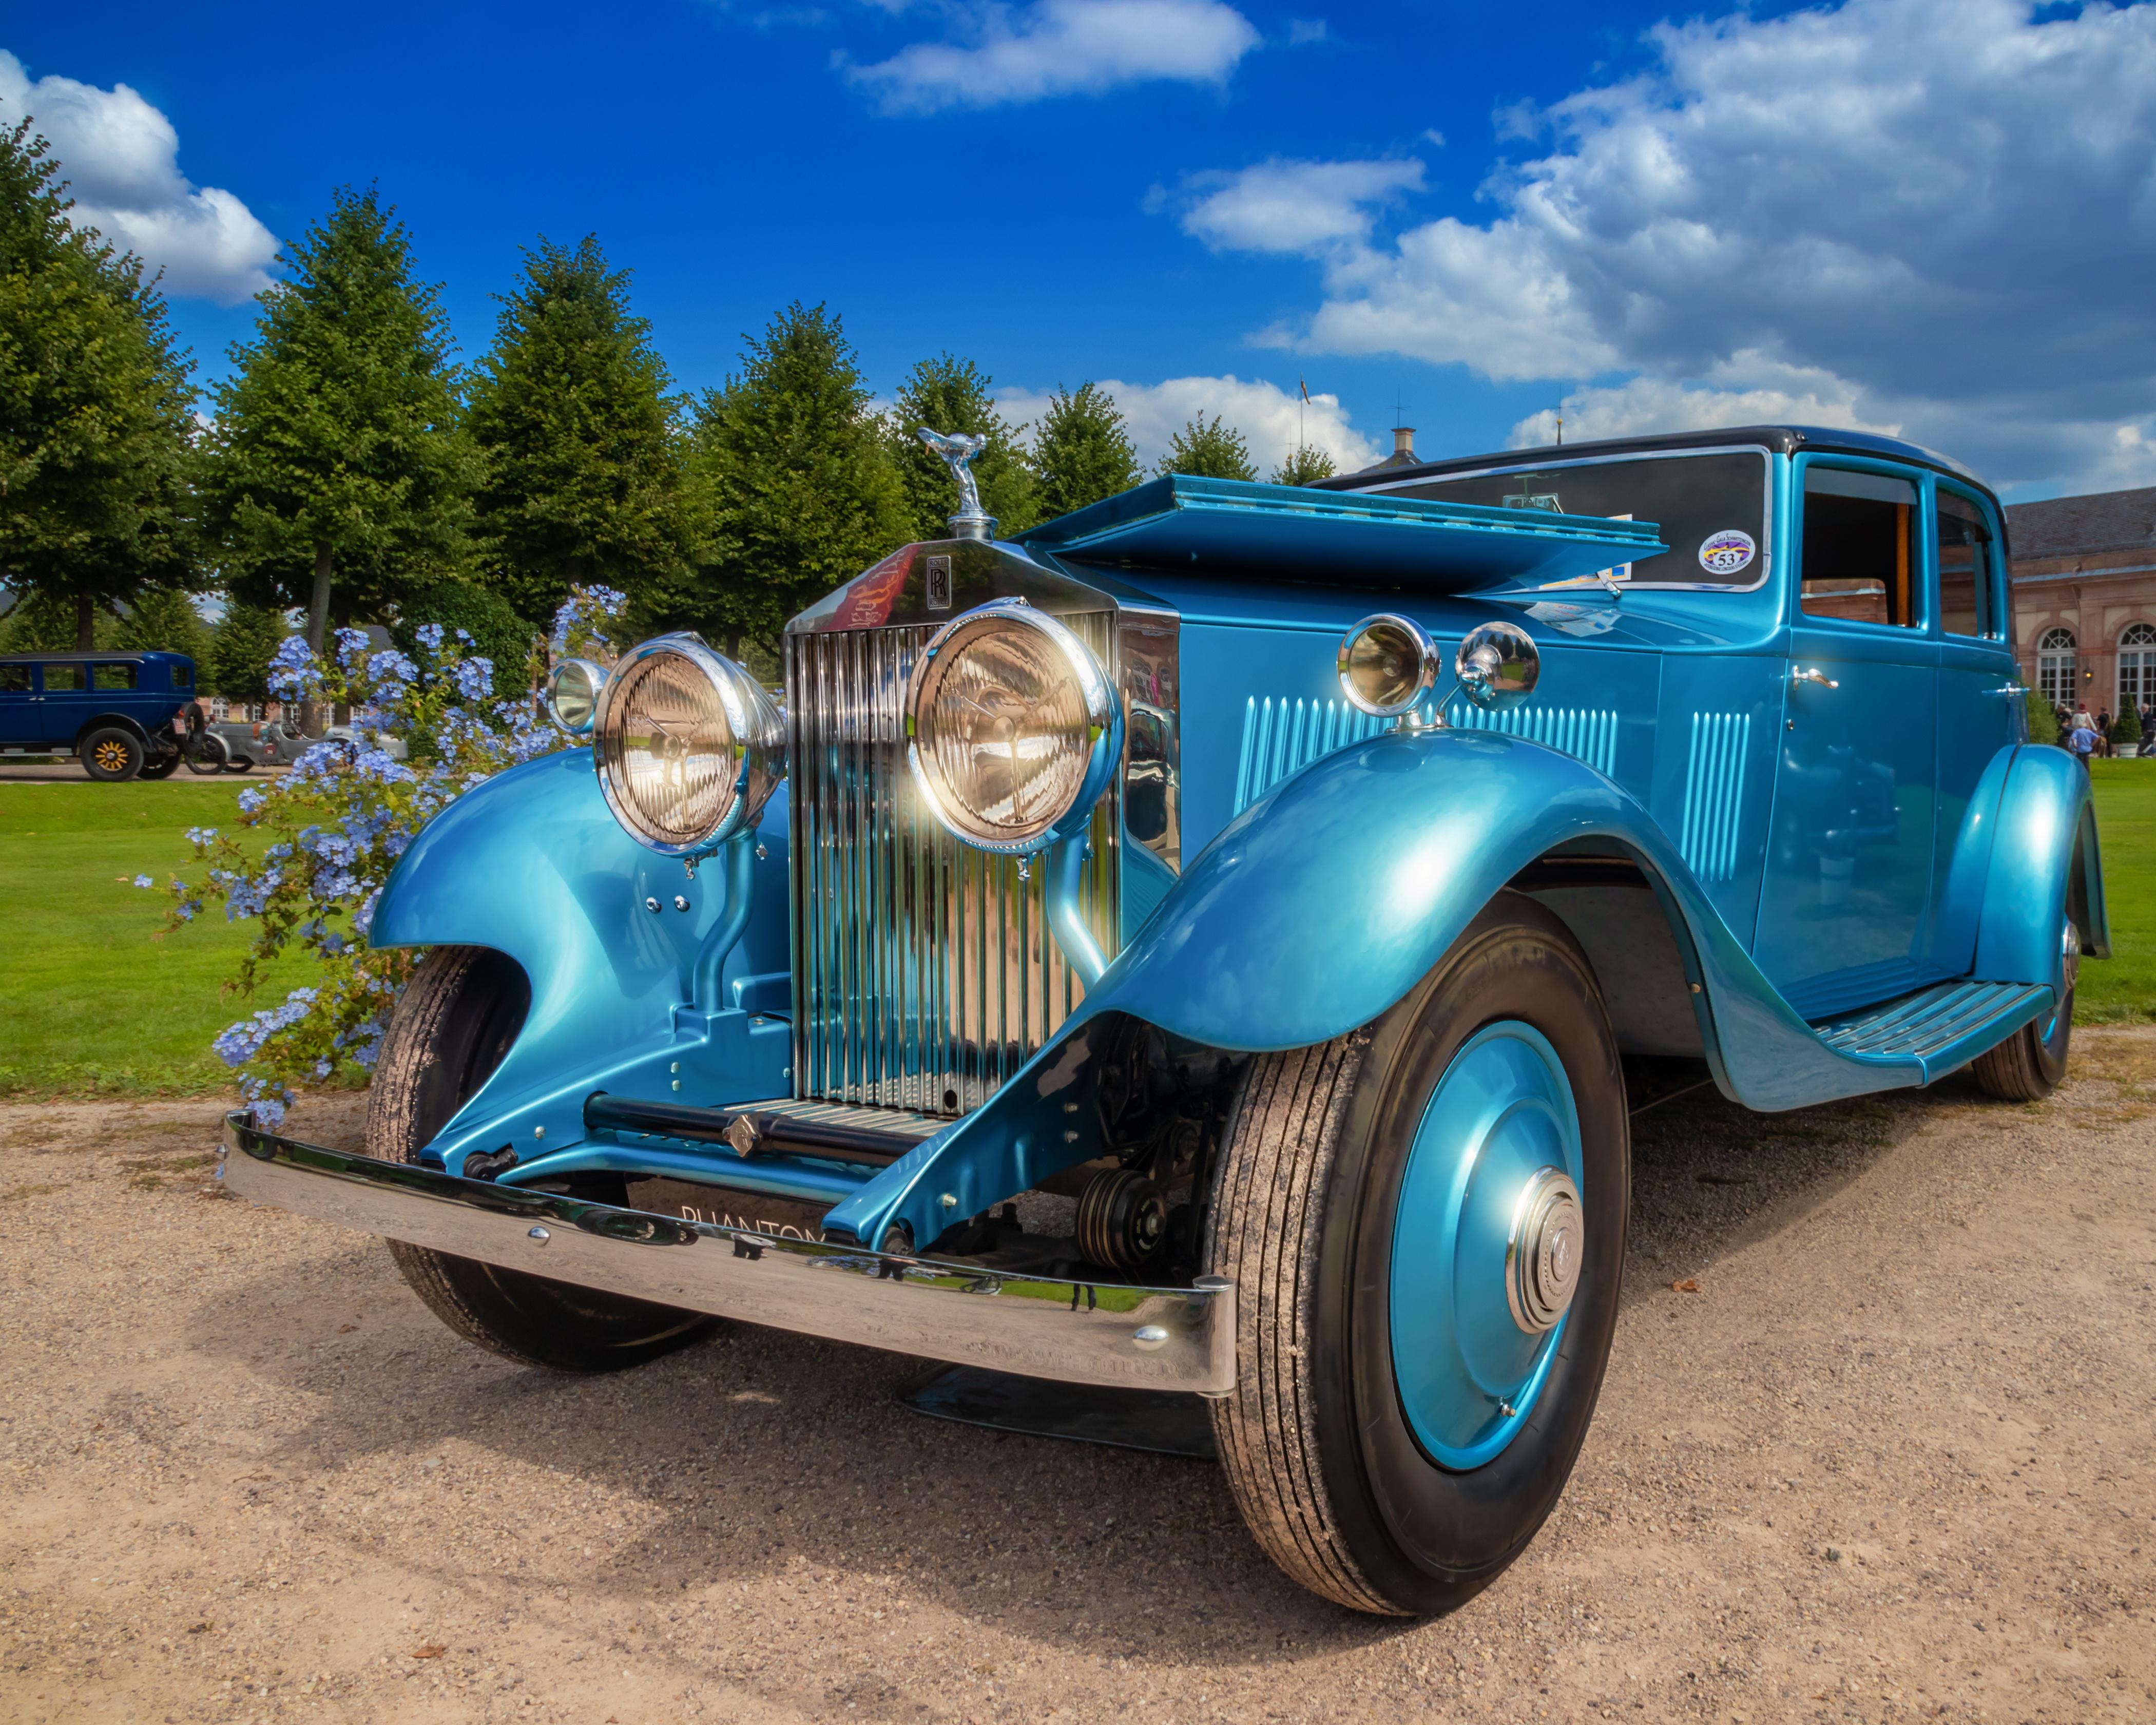 Фотография Rolls-Royce 1933 Phantom II Continental винтаж Голубой машины 4200x3360 Роллс ройс Ретро голубая голубые голубых старинные авто машина Автомобили автомобиль